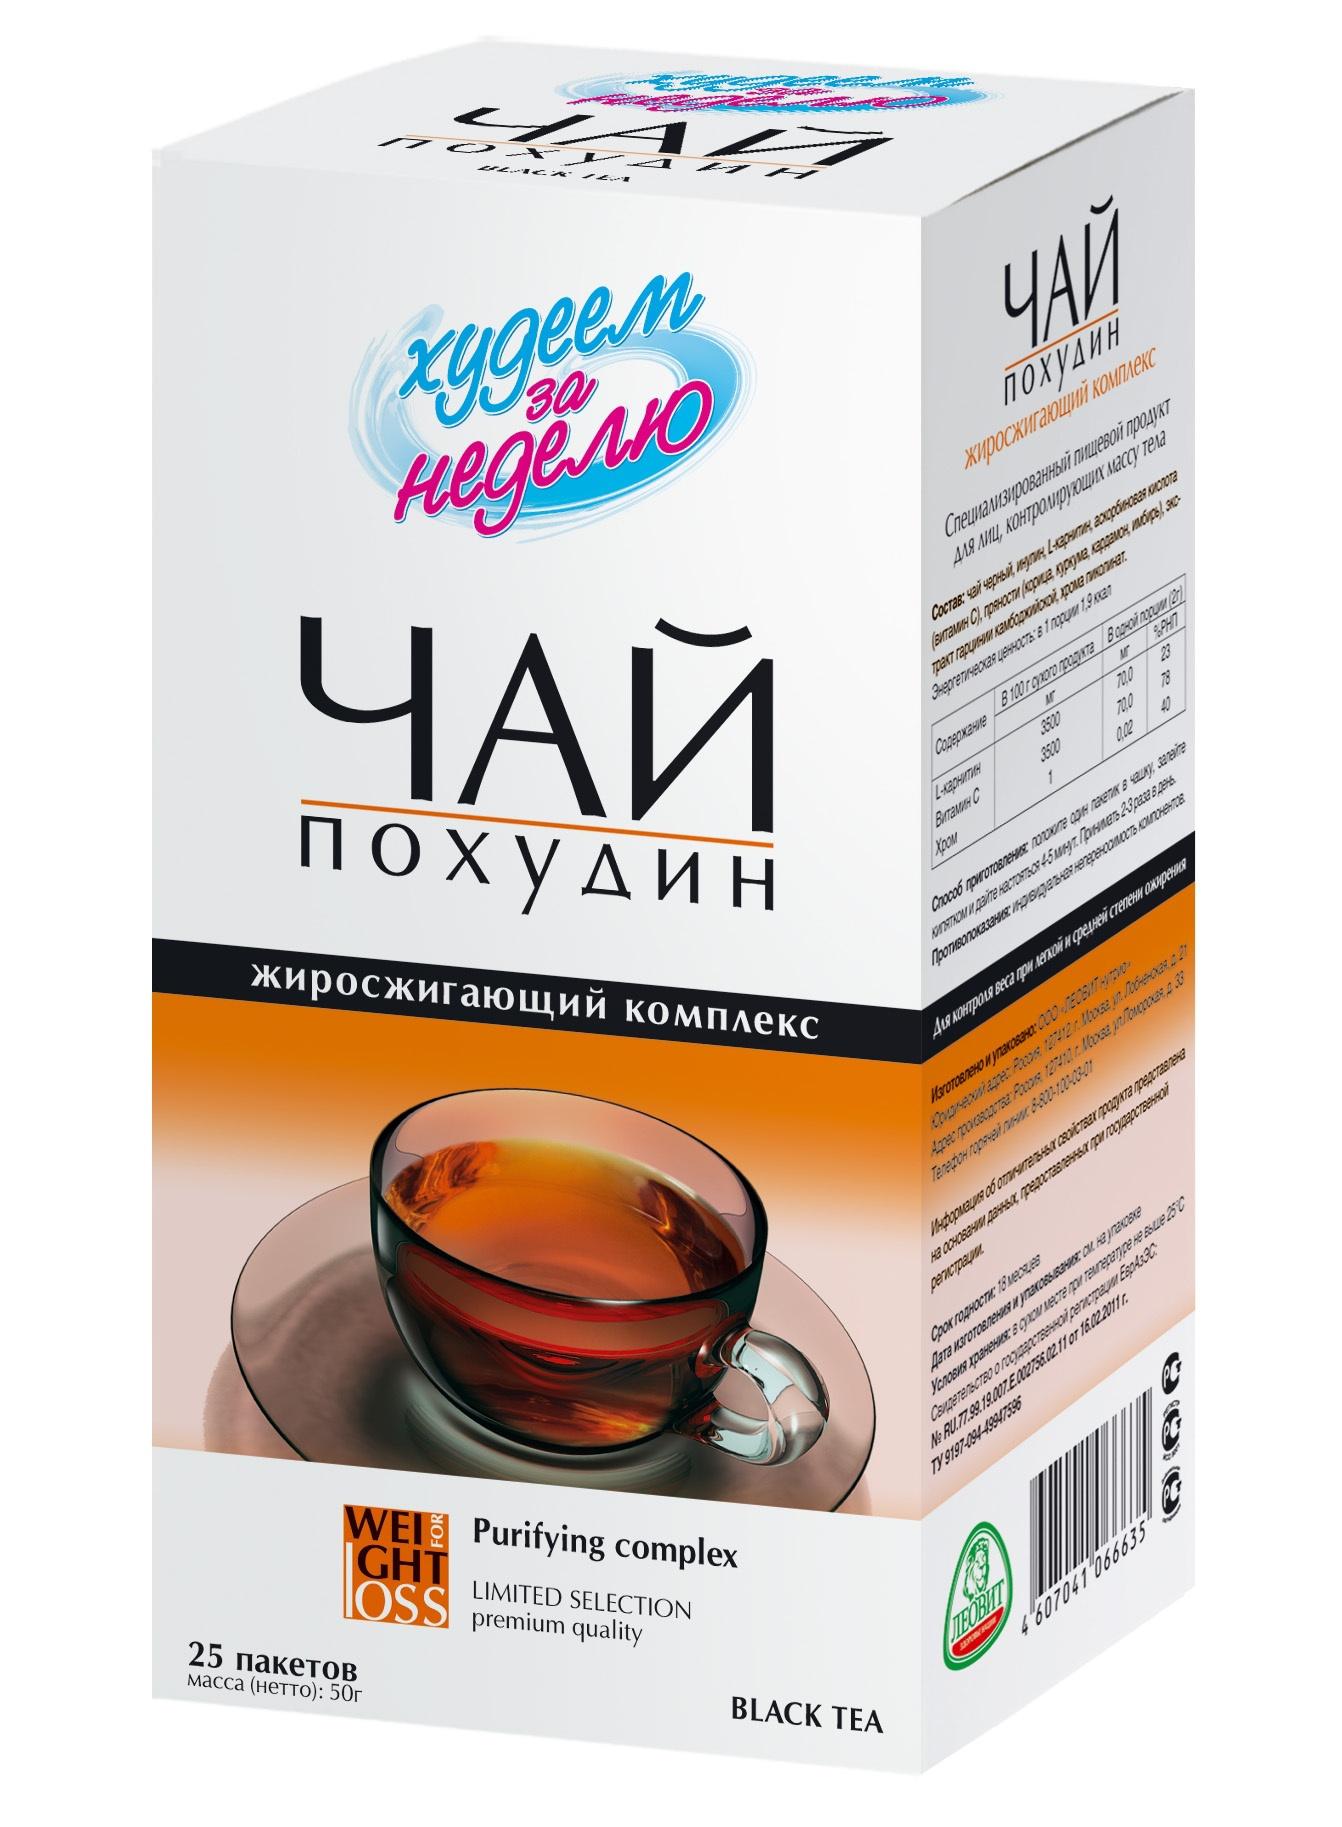 Очищающие Похудения Чай. Самый эффективный чай для похудения